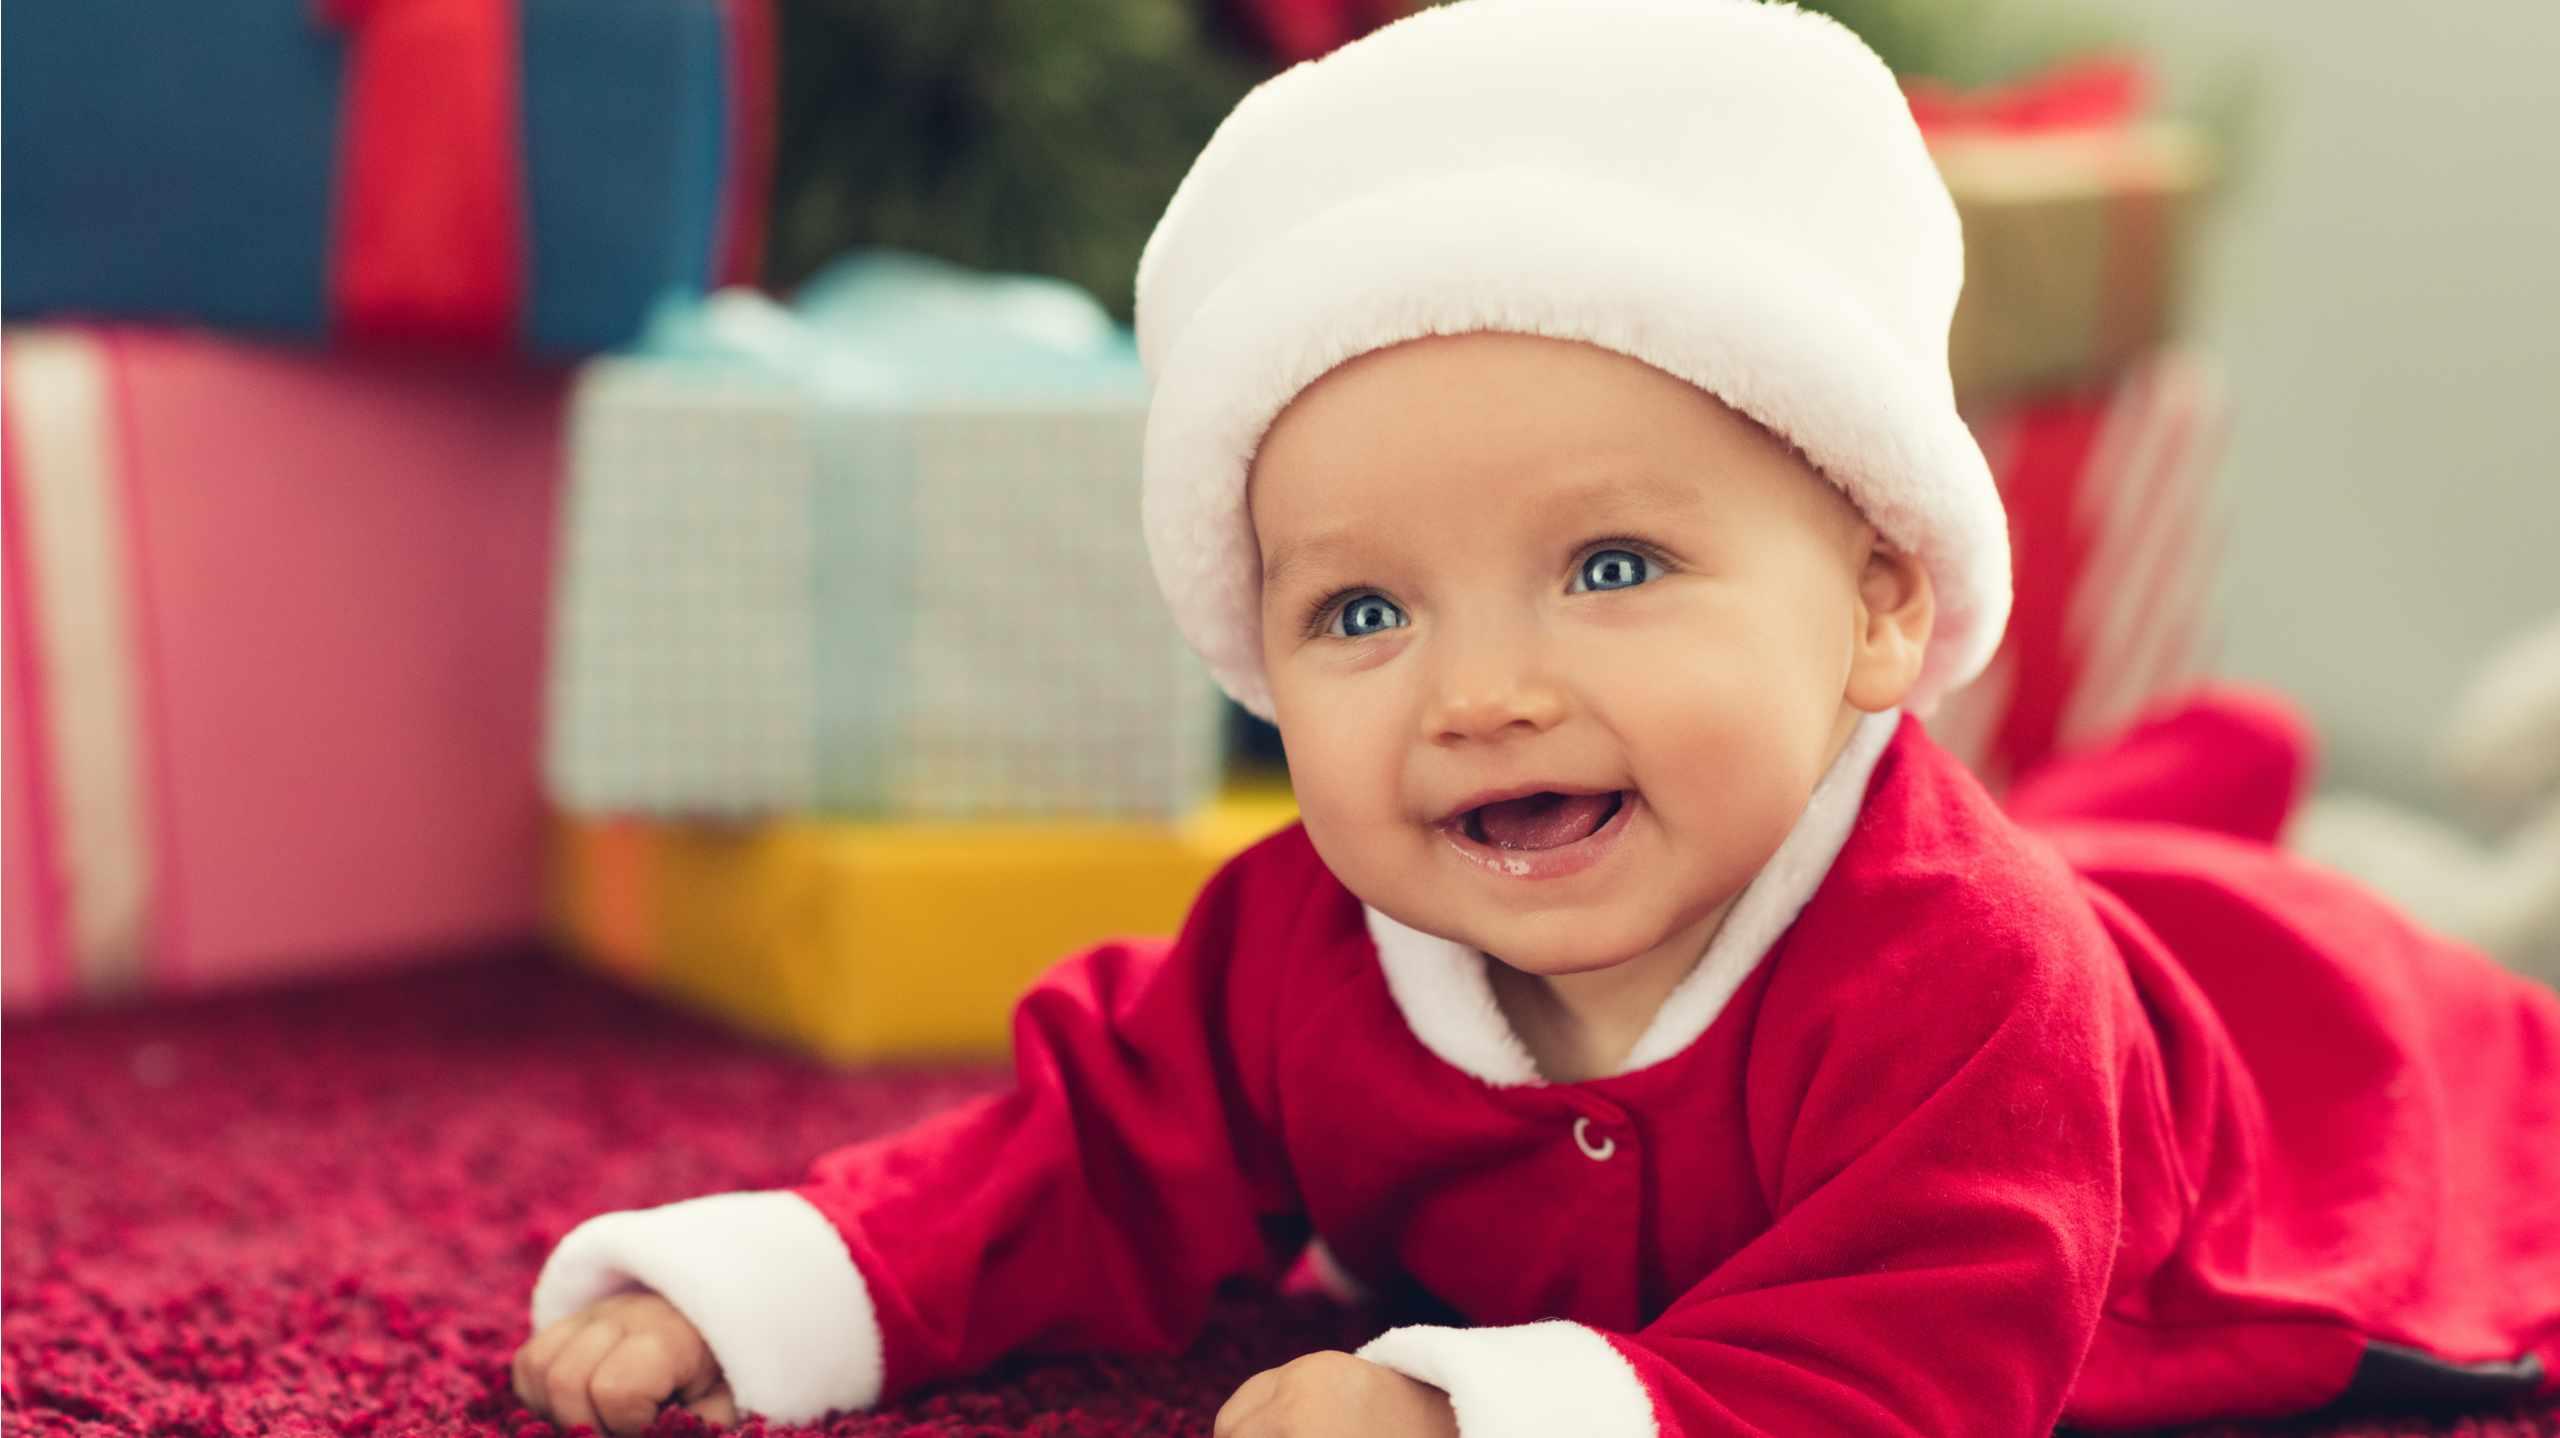 Der Hauptstadt-Papa wünscht Euch ein frohes Weihnachtsfest und einen guten Rutsch! (Bild: HauptstadtPapa.de)